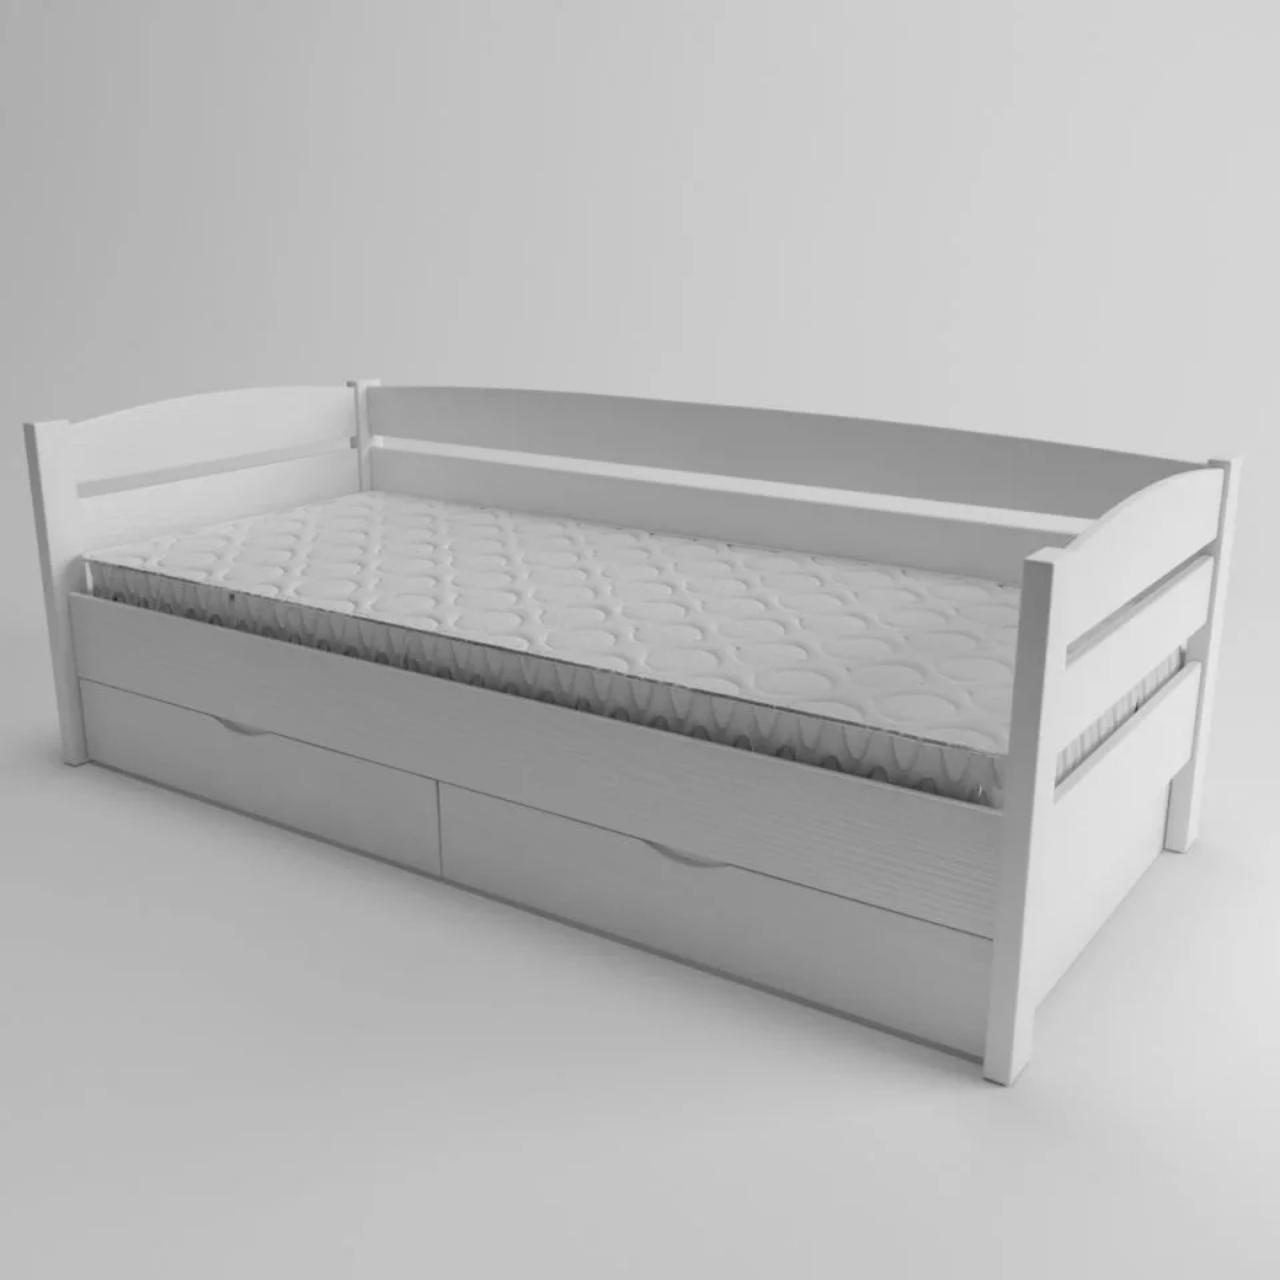 Ліжко дитяче дерев'яне Диванчик (масив ясеня)